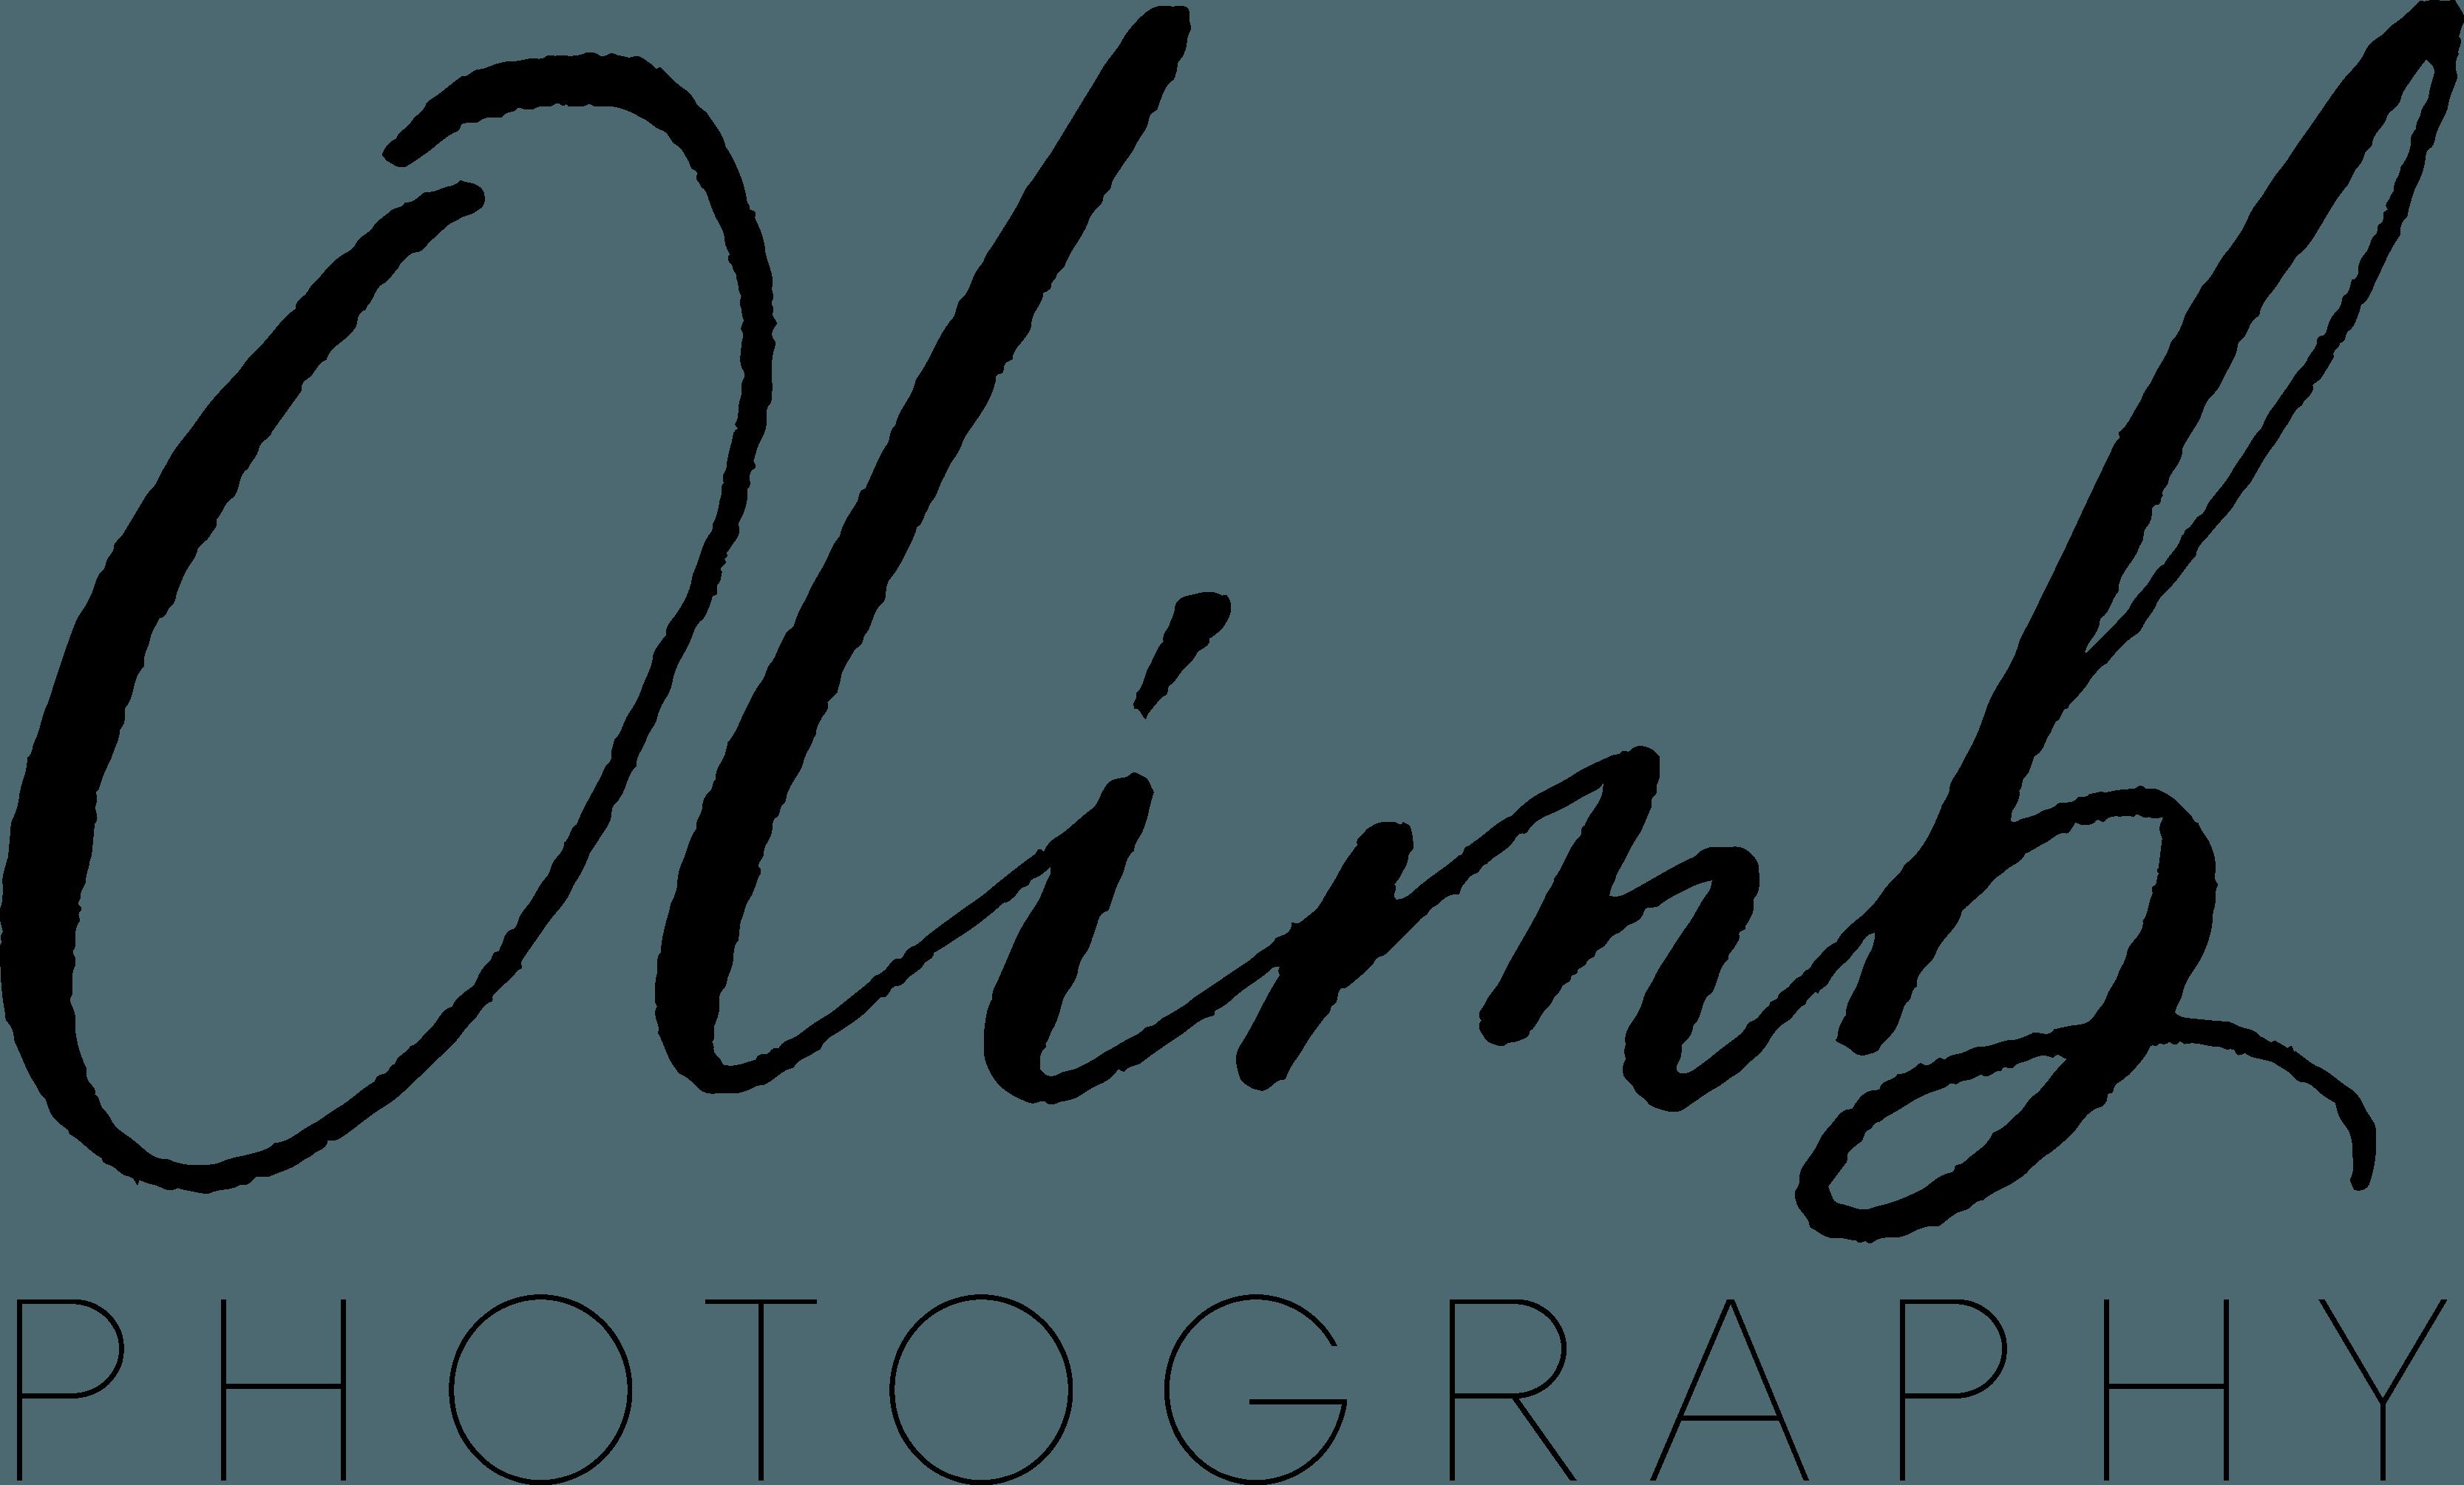 Olimb Photography